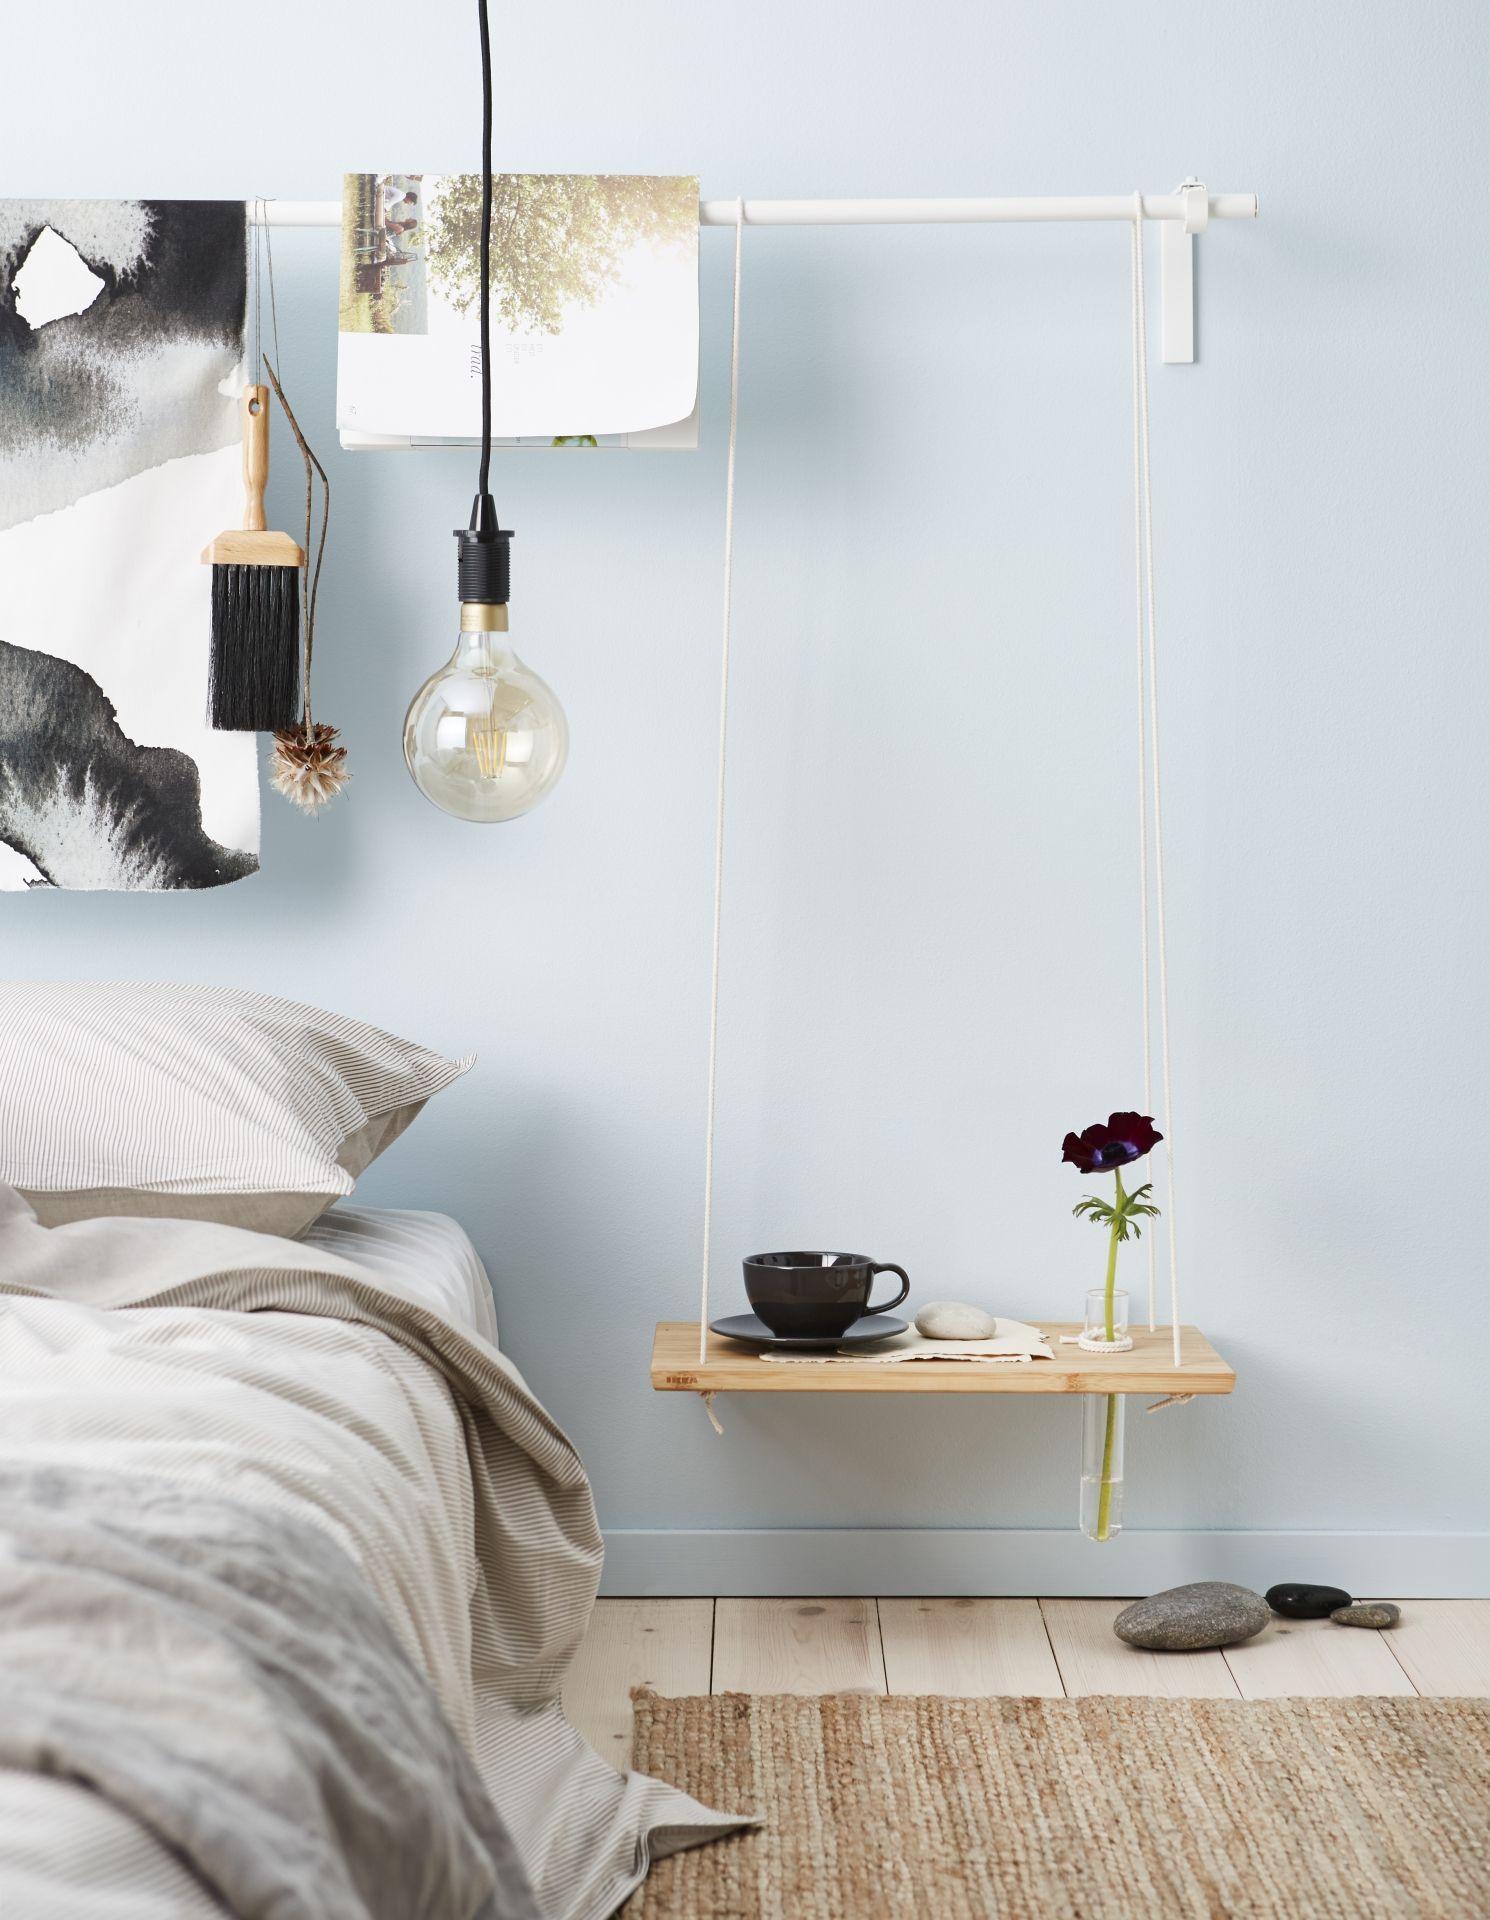 lunnom led lamp ikea ikeanl ikeanederland inspiratie wooninspiratie interieur wooninterieur designdroom verlichting licht werkkamer slaapkamer woonkamer